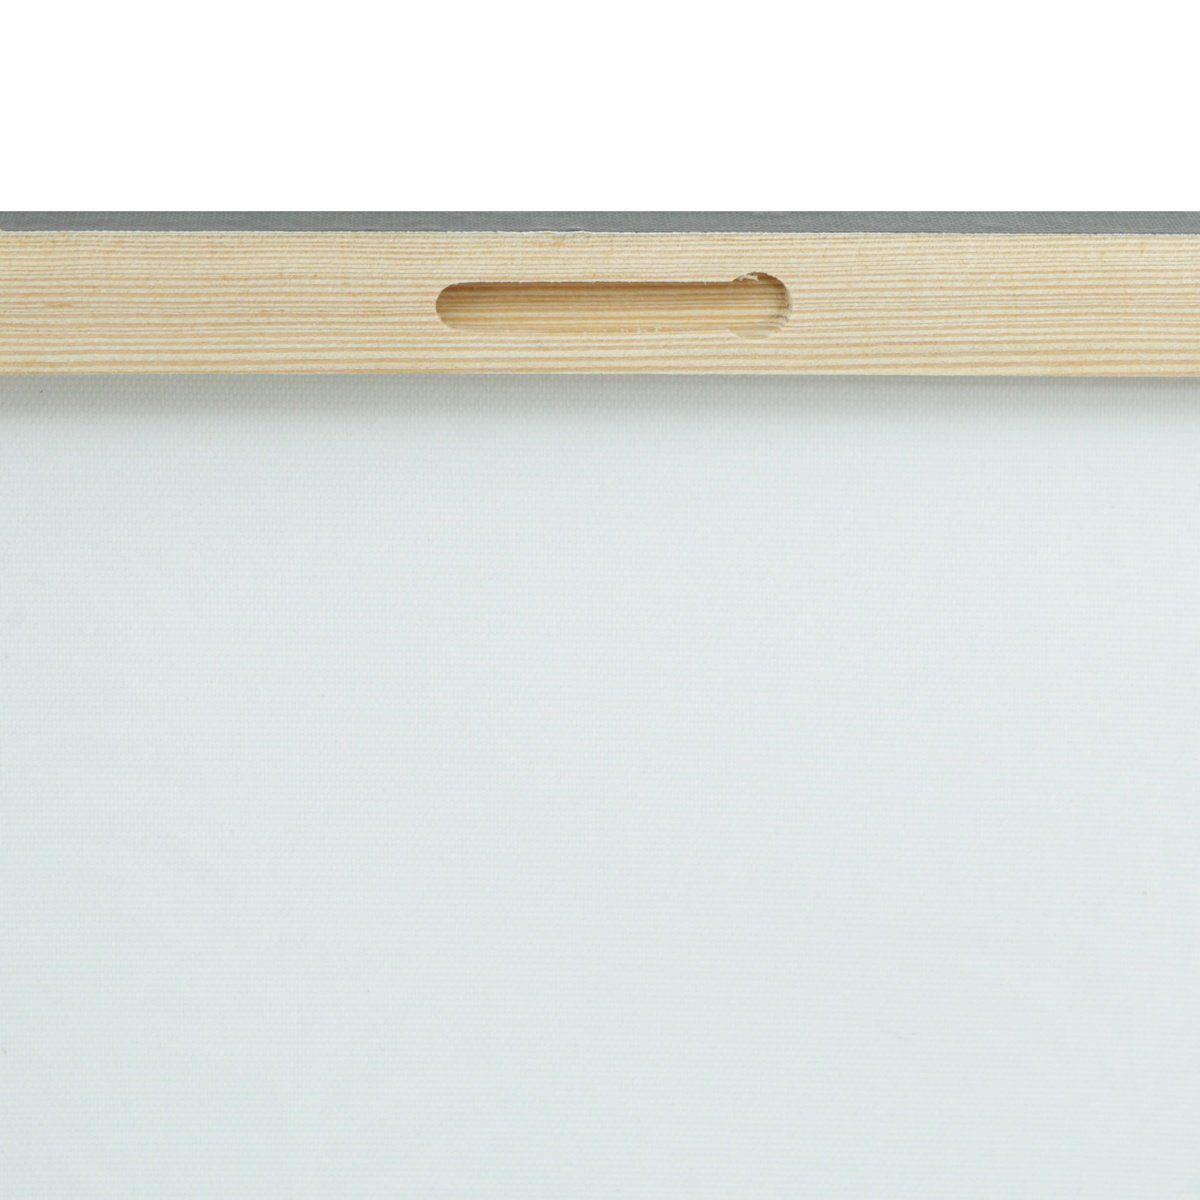 Quadro Decorativo Preto Alecrim 40cm x 30cm - 40968